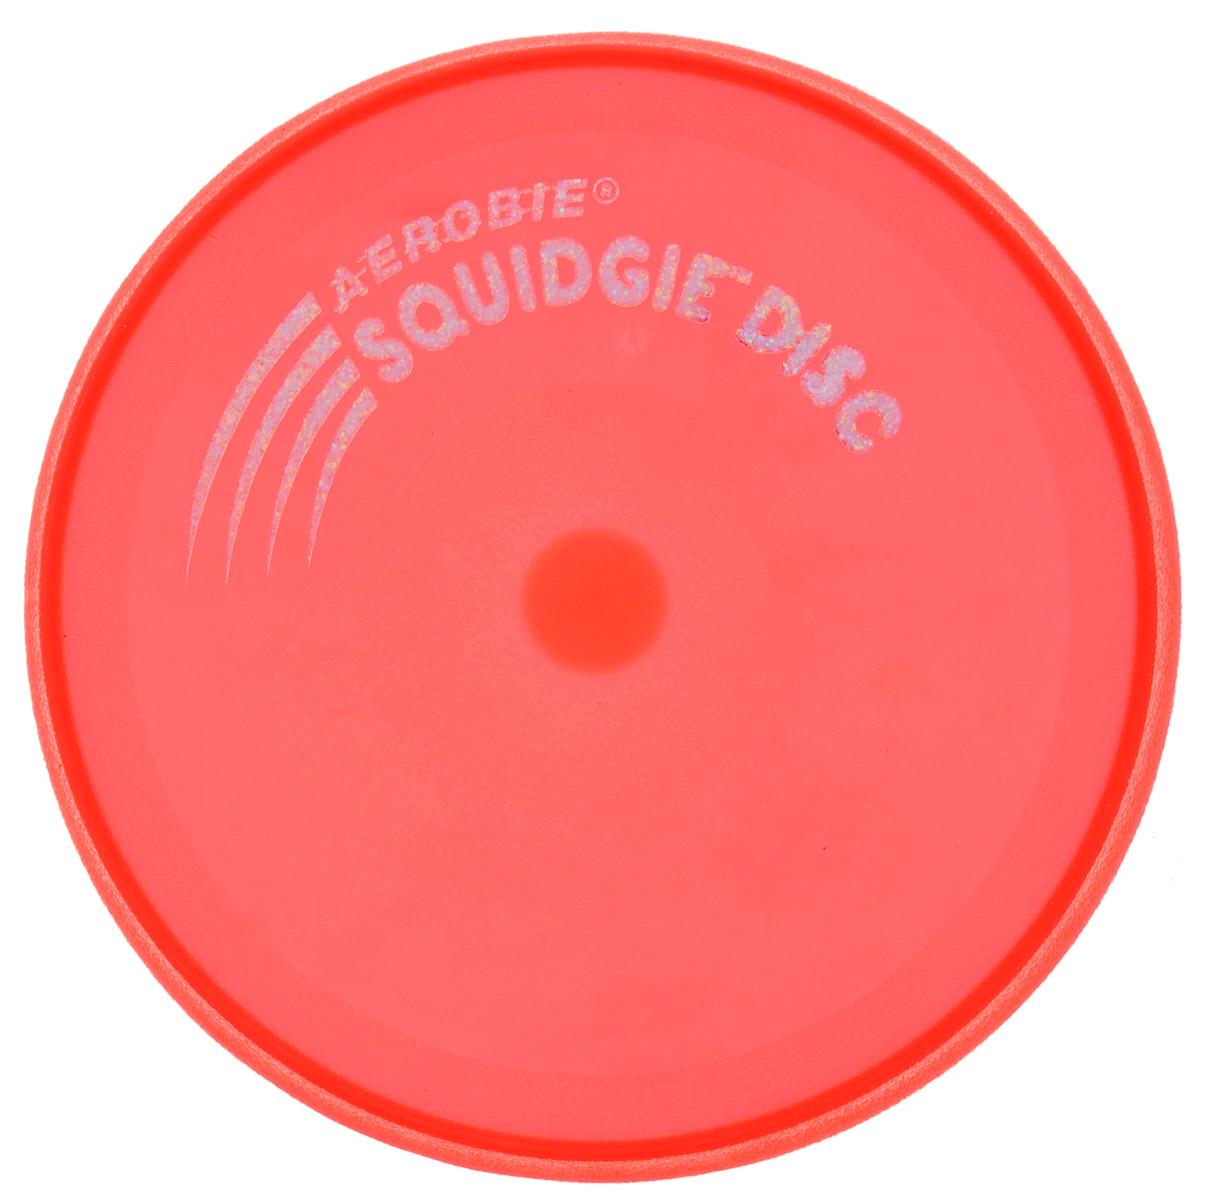 Aerobie Летающий диск Squidgie цвет коралловый